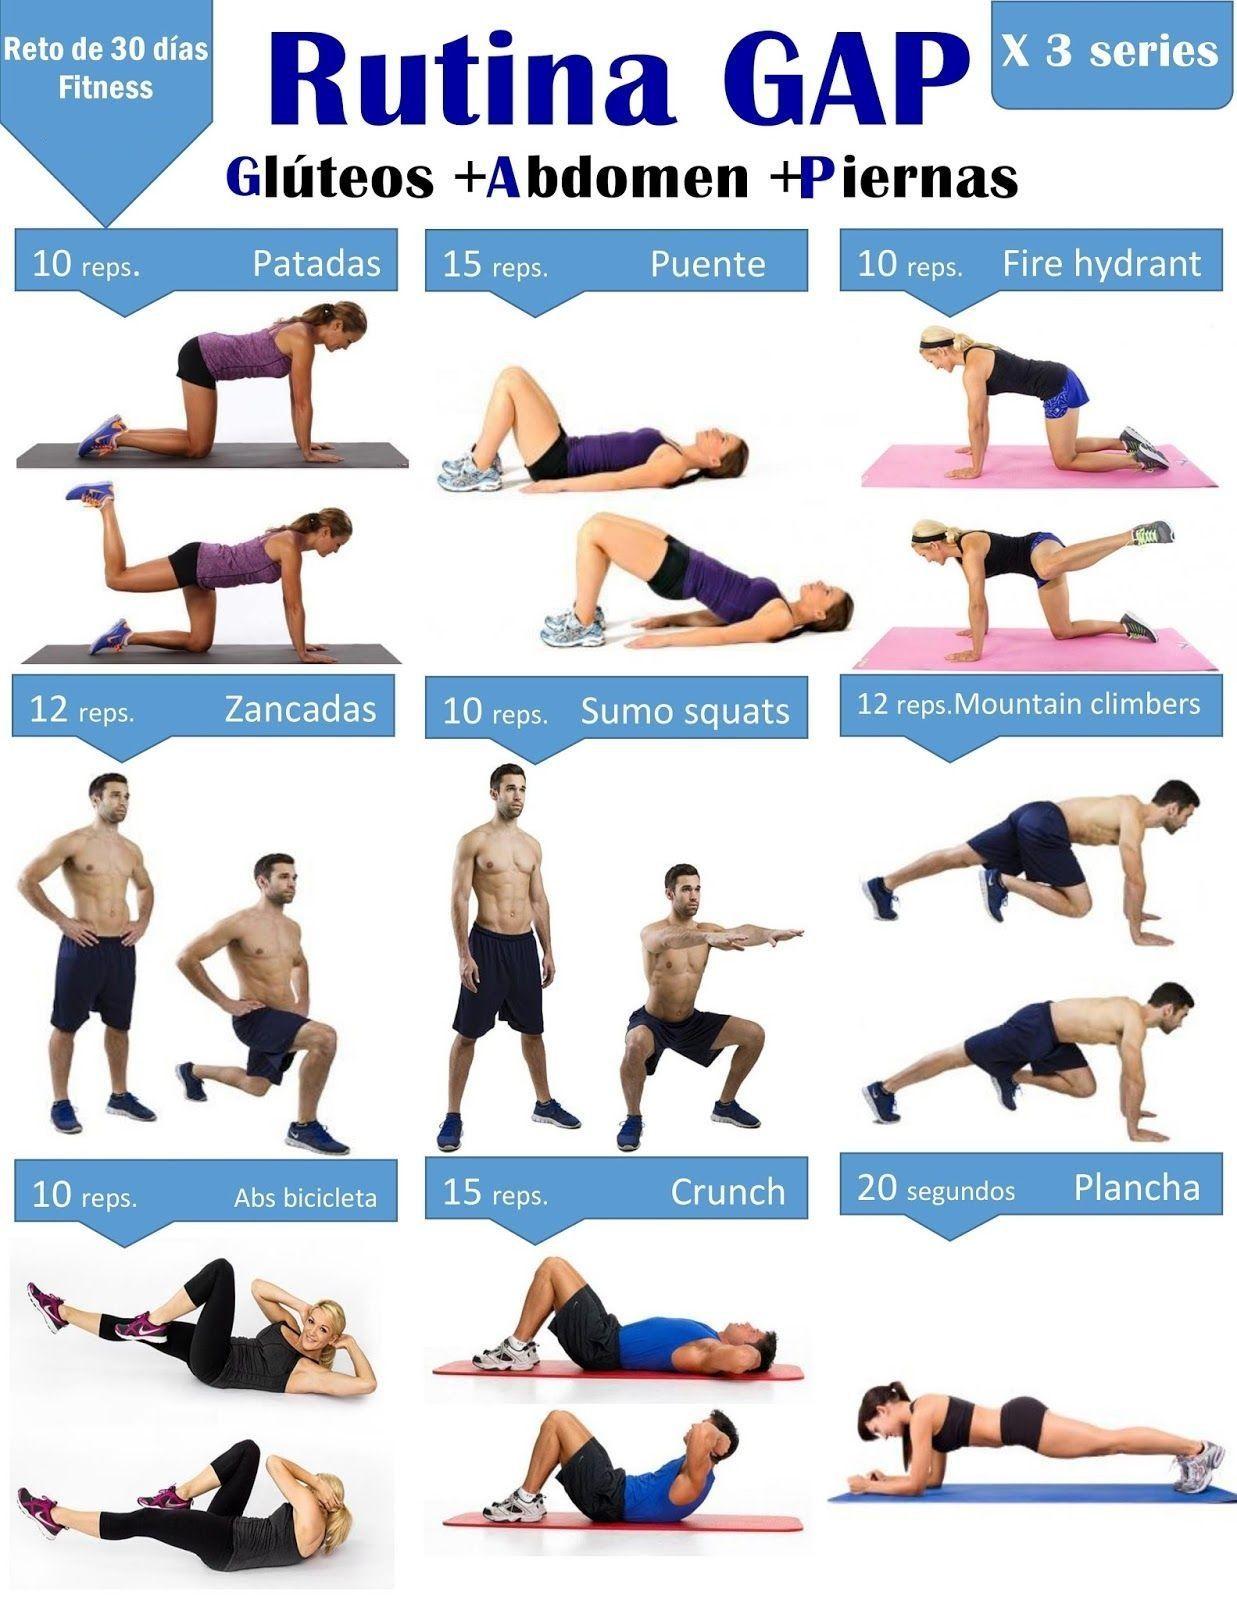 Estos 10 Ejercicios Aeróbicos Te Ayudará A Mantenerte En Forma Ejercicios Aeróbicos En Casa Ejercicios Paso A Paso En Españo Workout Exercise Gym Workouts